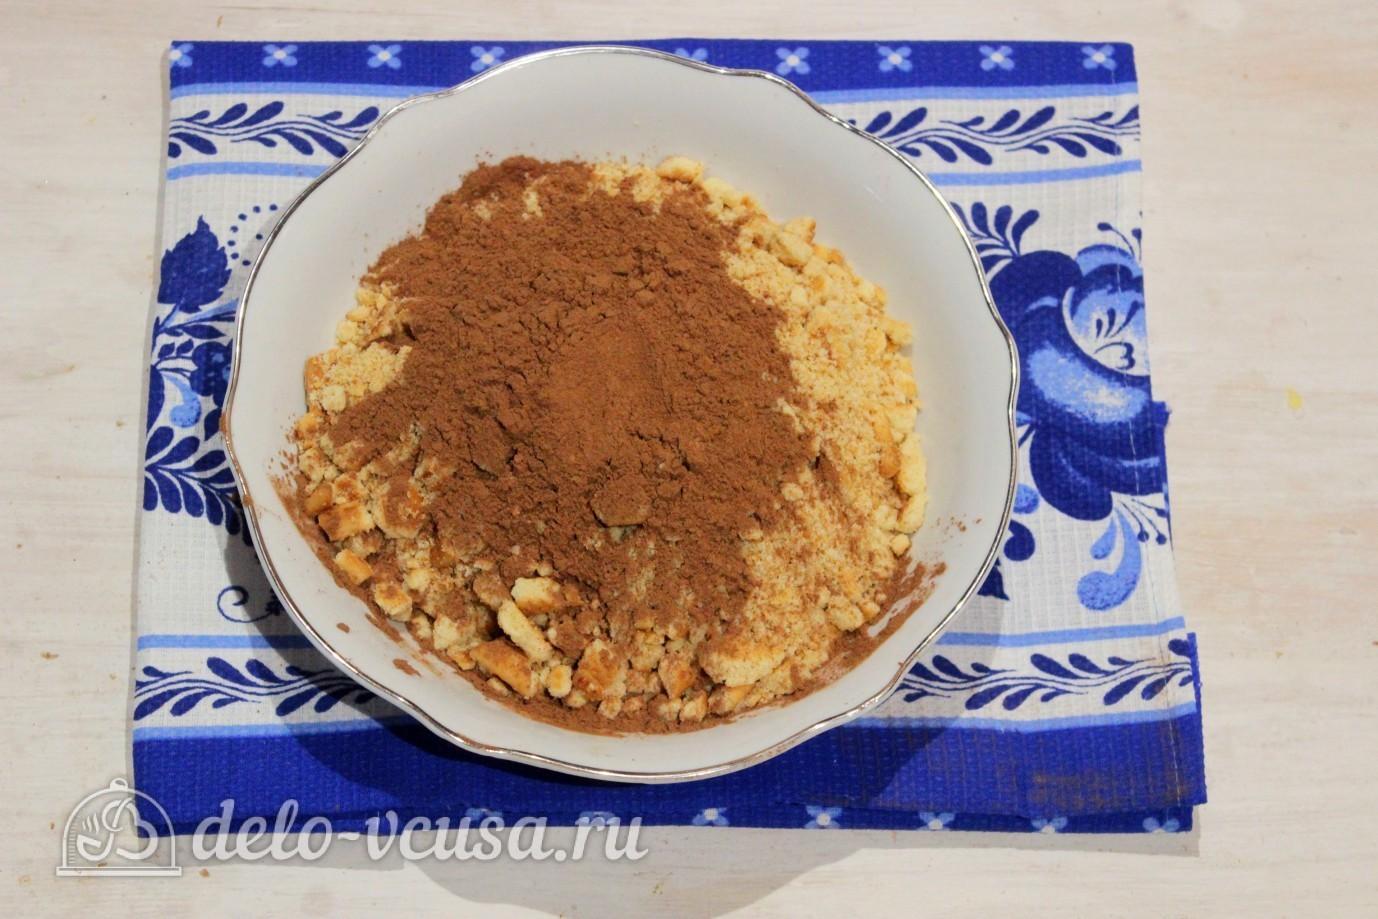 Колбаса шоколадная из печенья со 50